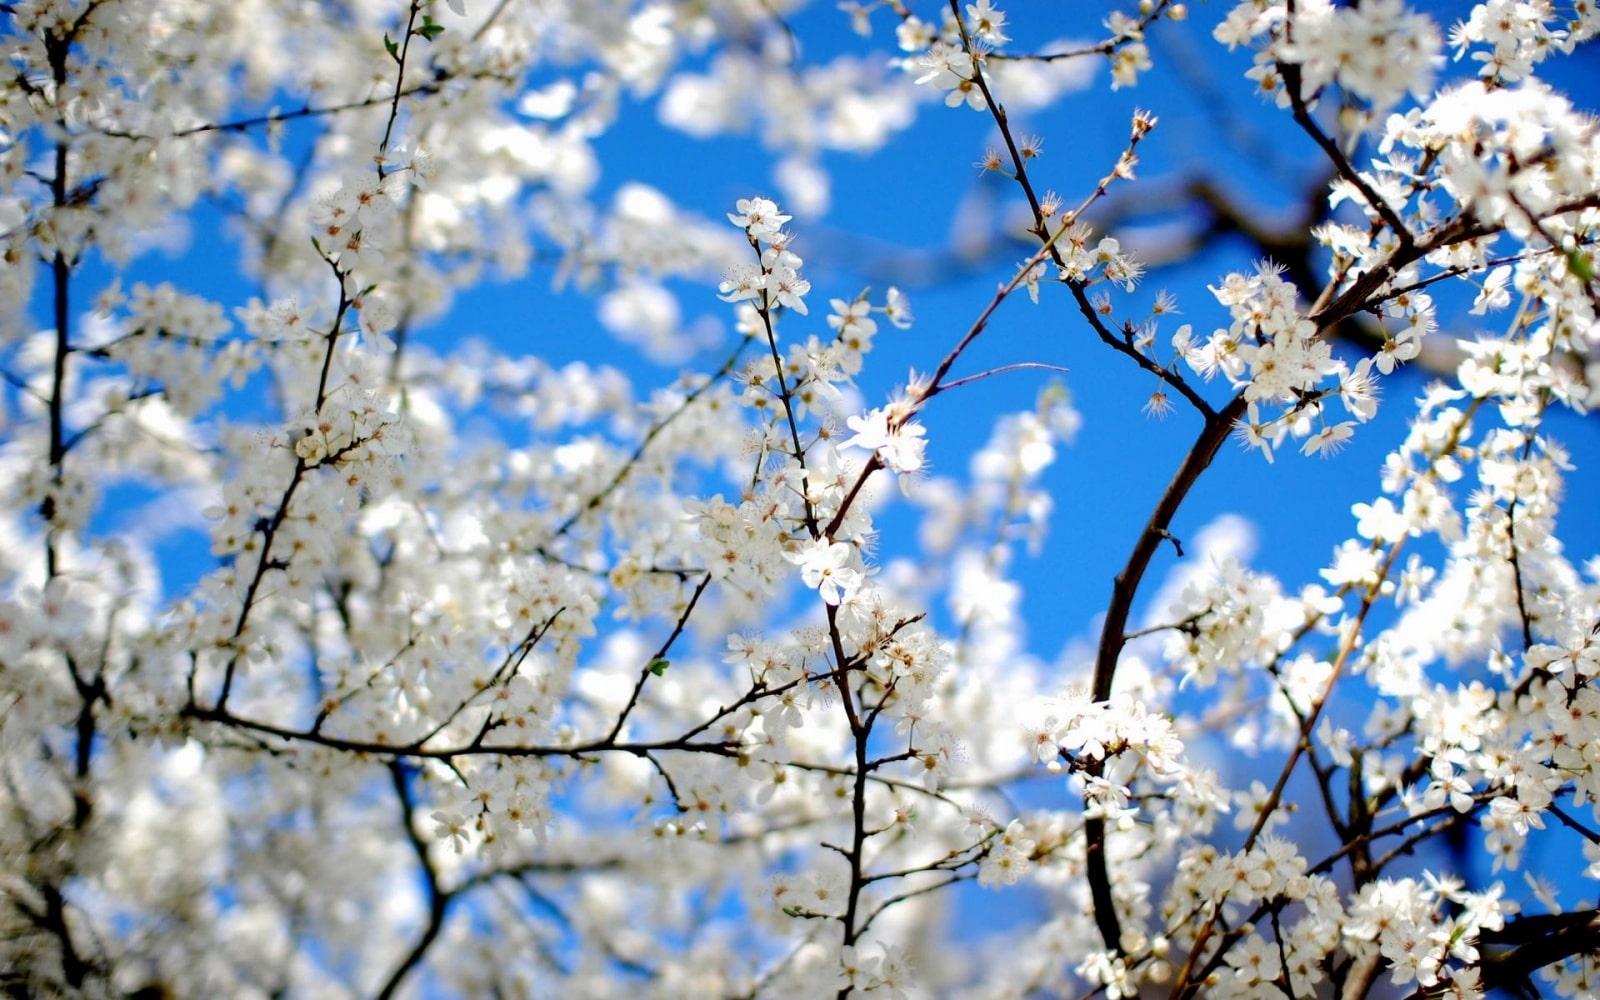 ý nghĩa hoa ban trắng